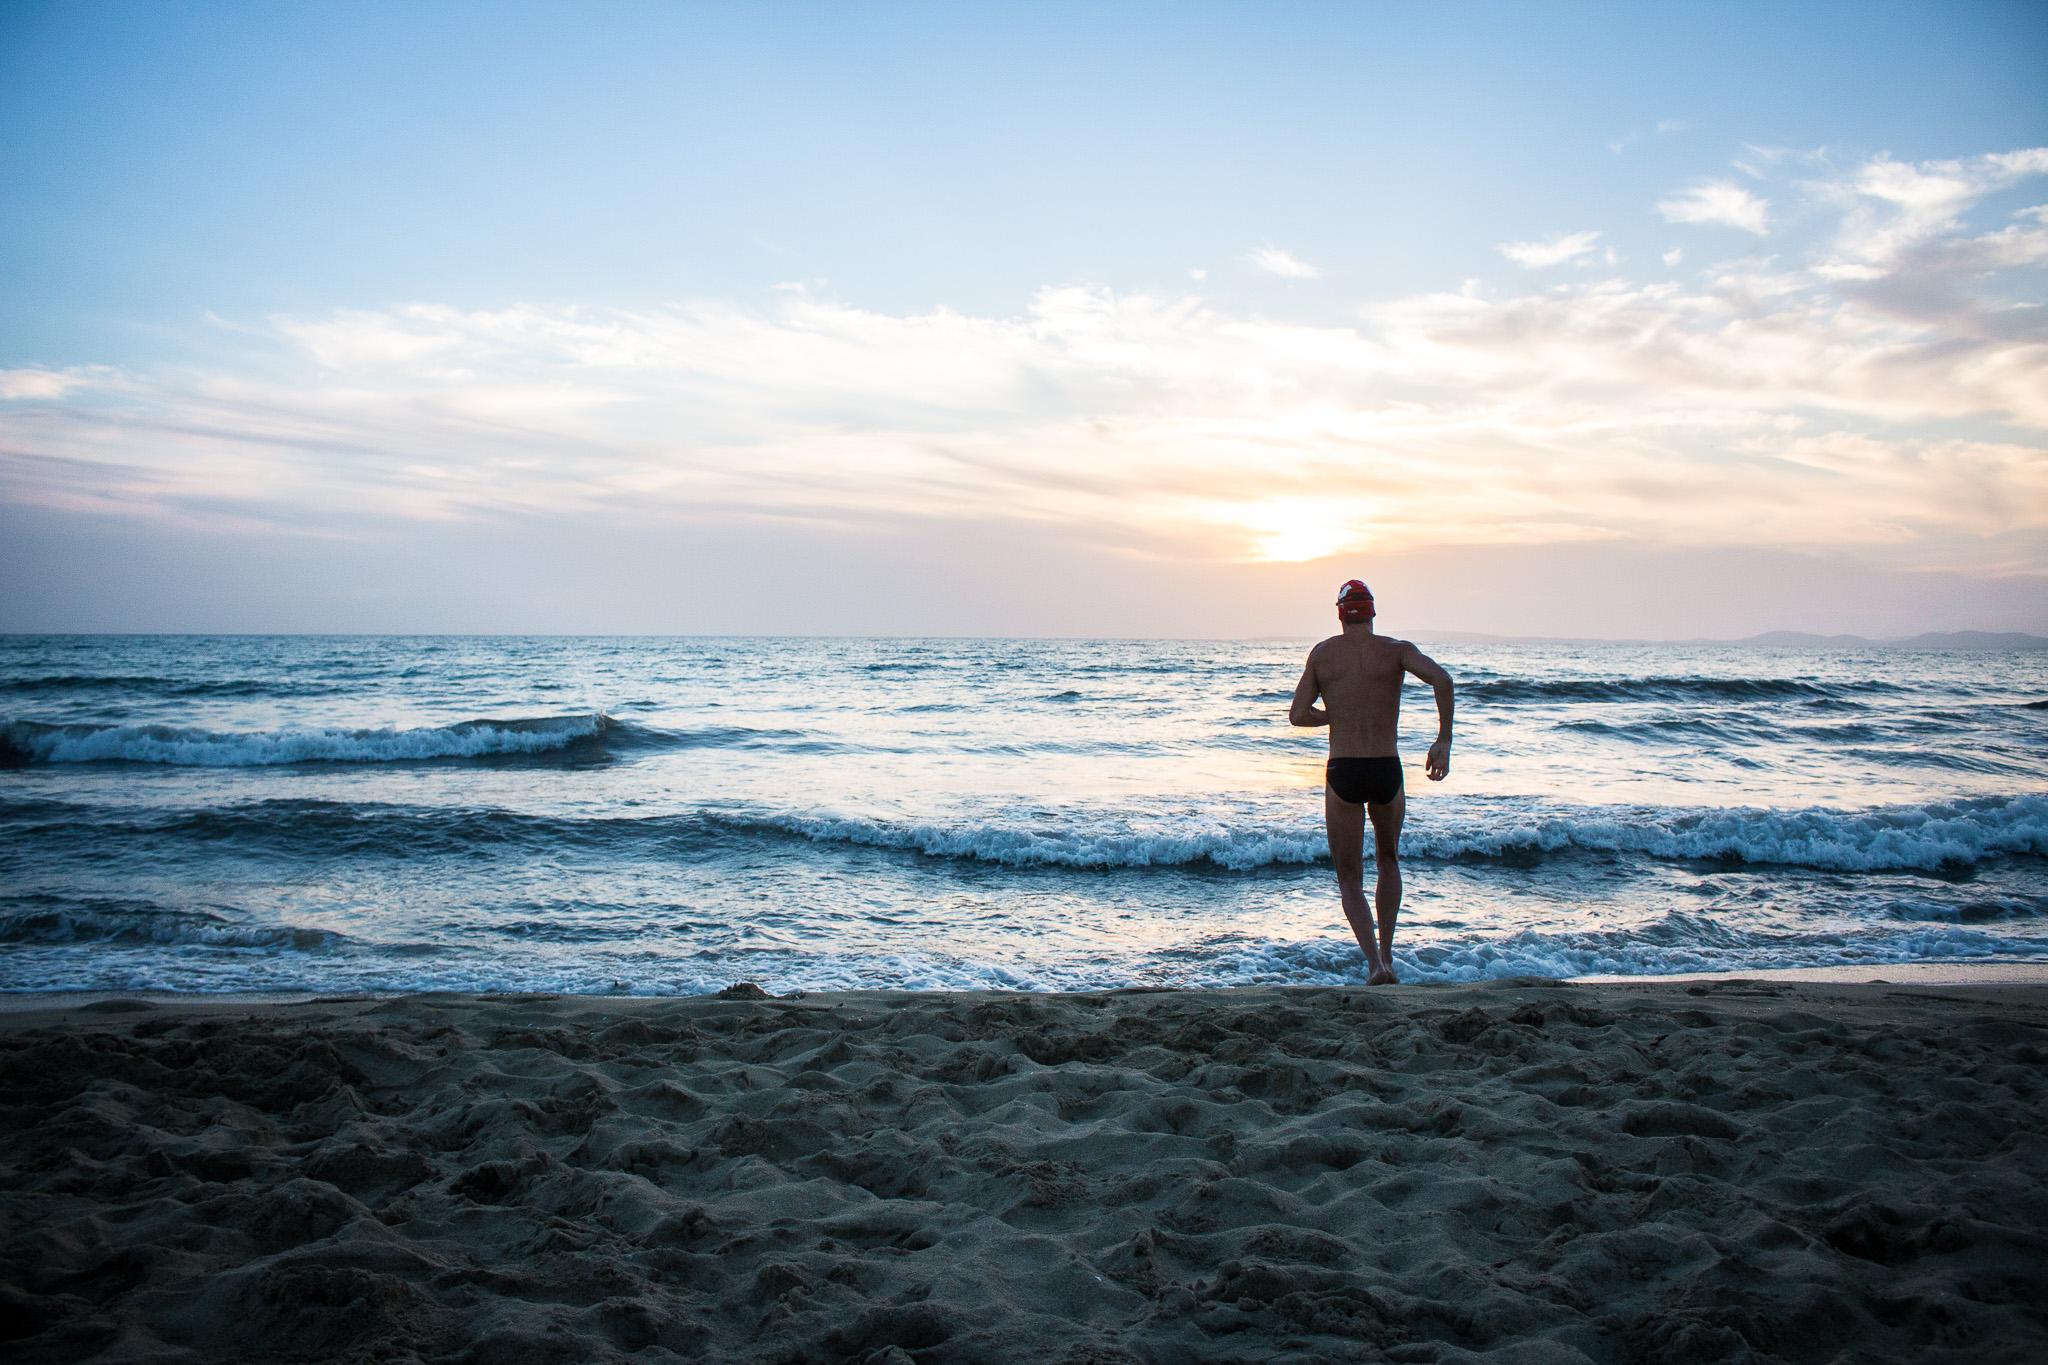 Havet – Att fota simning i öppet vatten